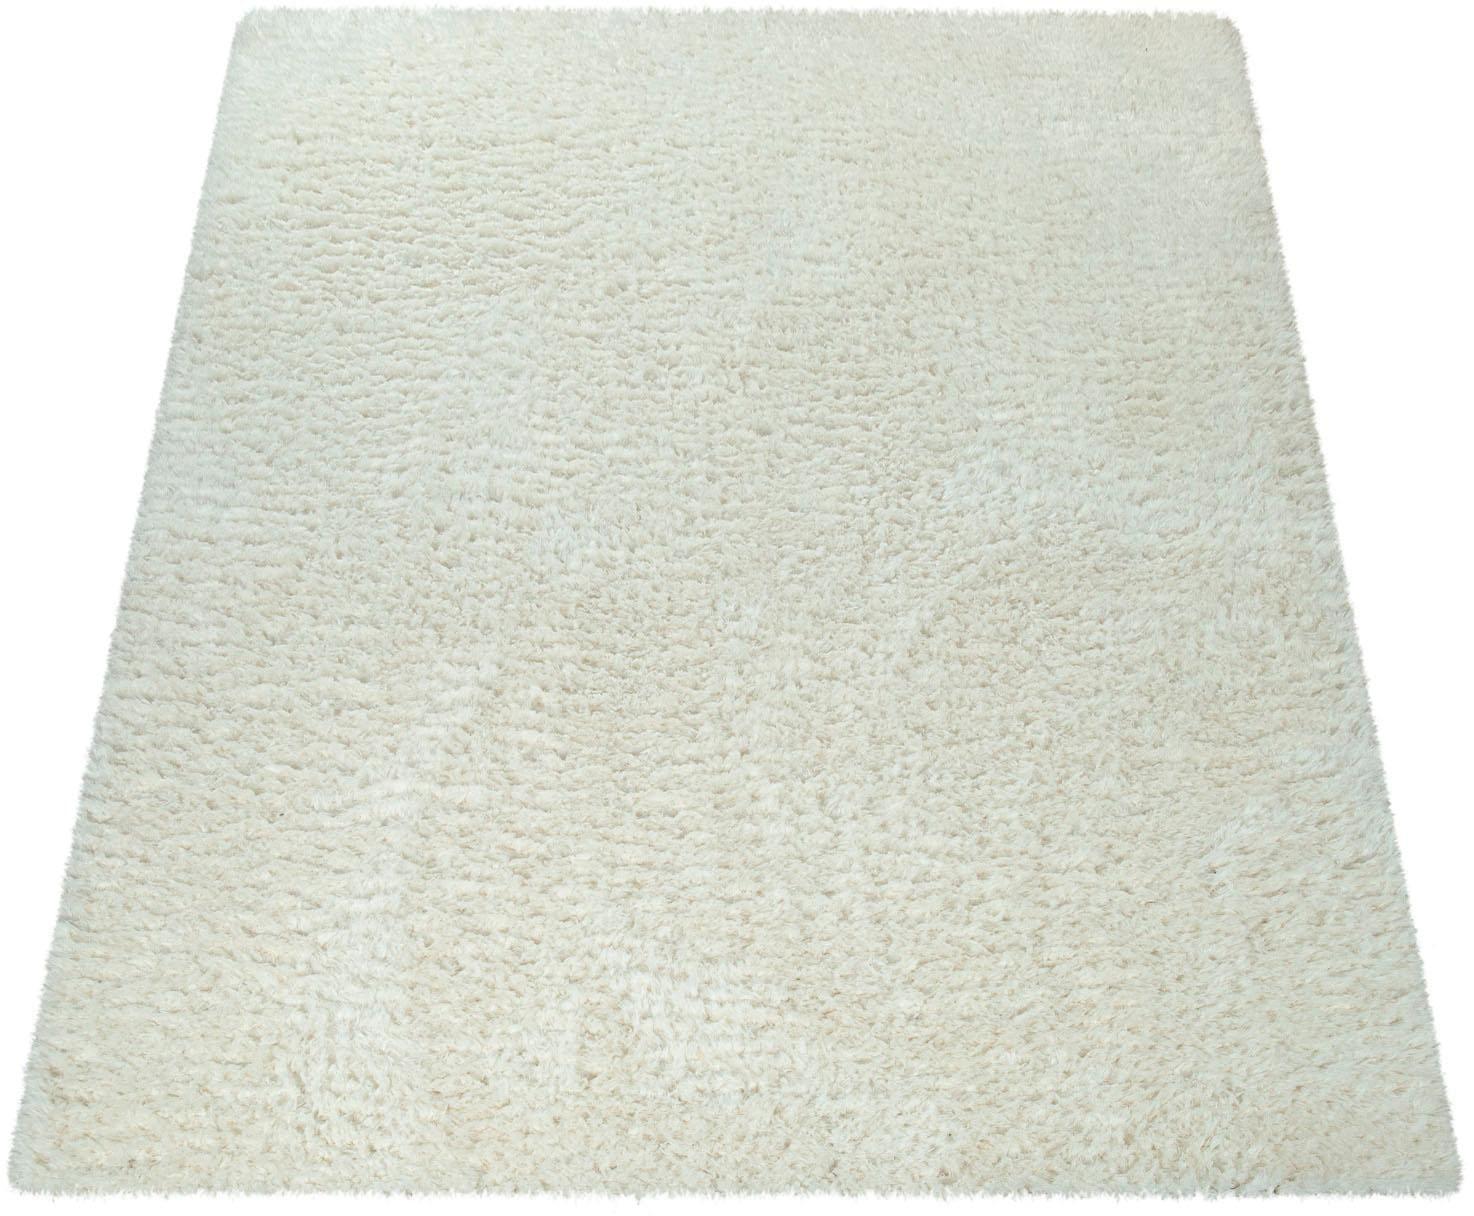 Hochflor-Teppich Punto 400 Paco Home rechteckig Höhe 50 mm